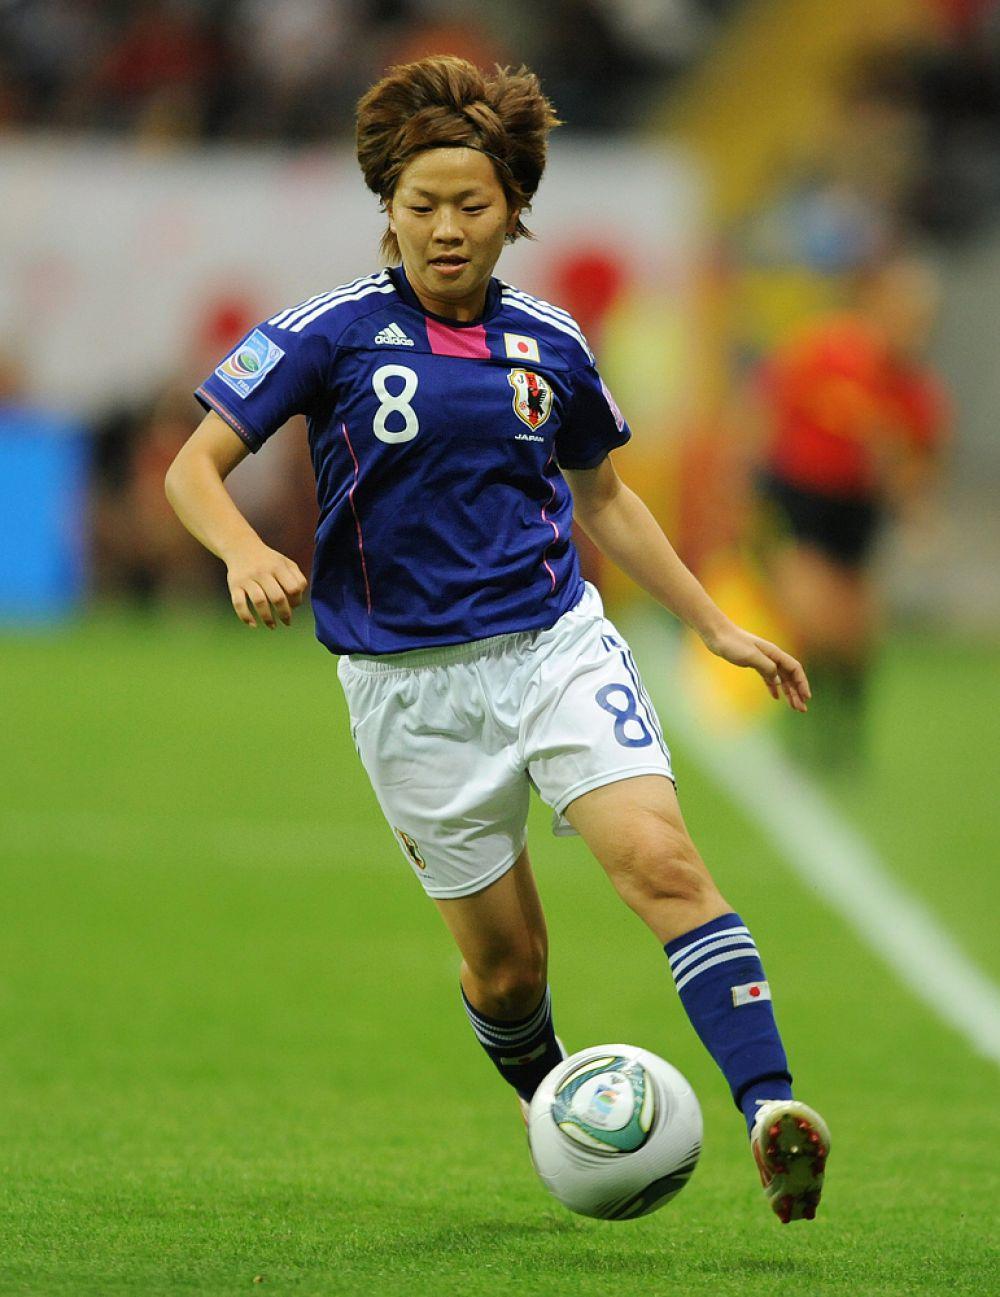 В отличие от Наоми Кавасуми Ая Мияма с 2009 года безуспешно пыталась закрепиться в американской лиге. В итоге она вернулась в родную Японию. В 2011 году полузащитница внесла весомый вклад в победу своей сборной на чемпионате мира в Германии.